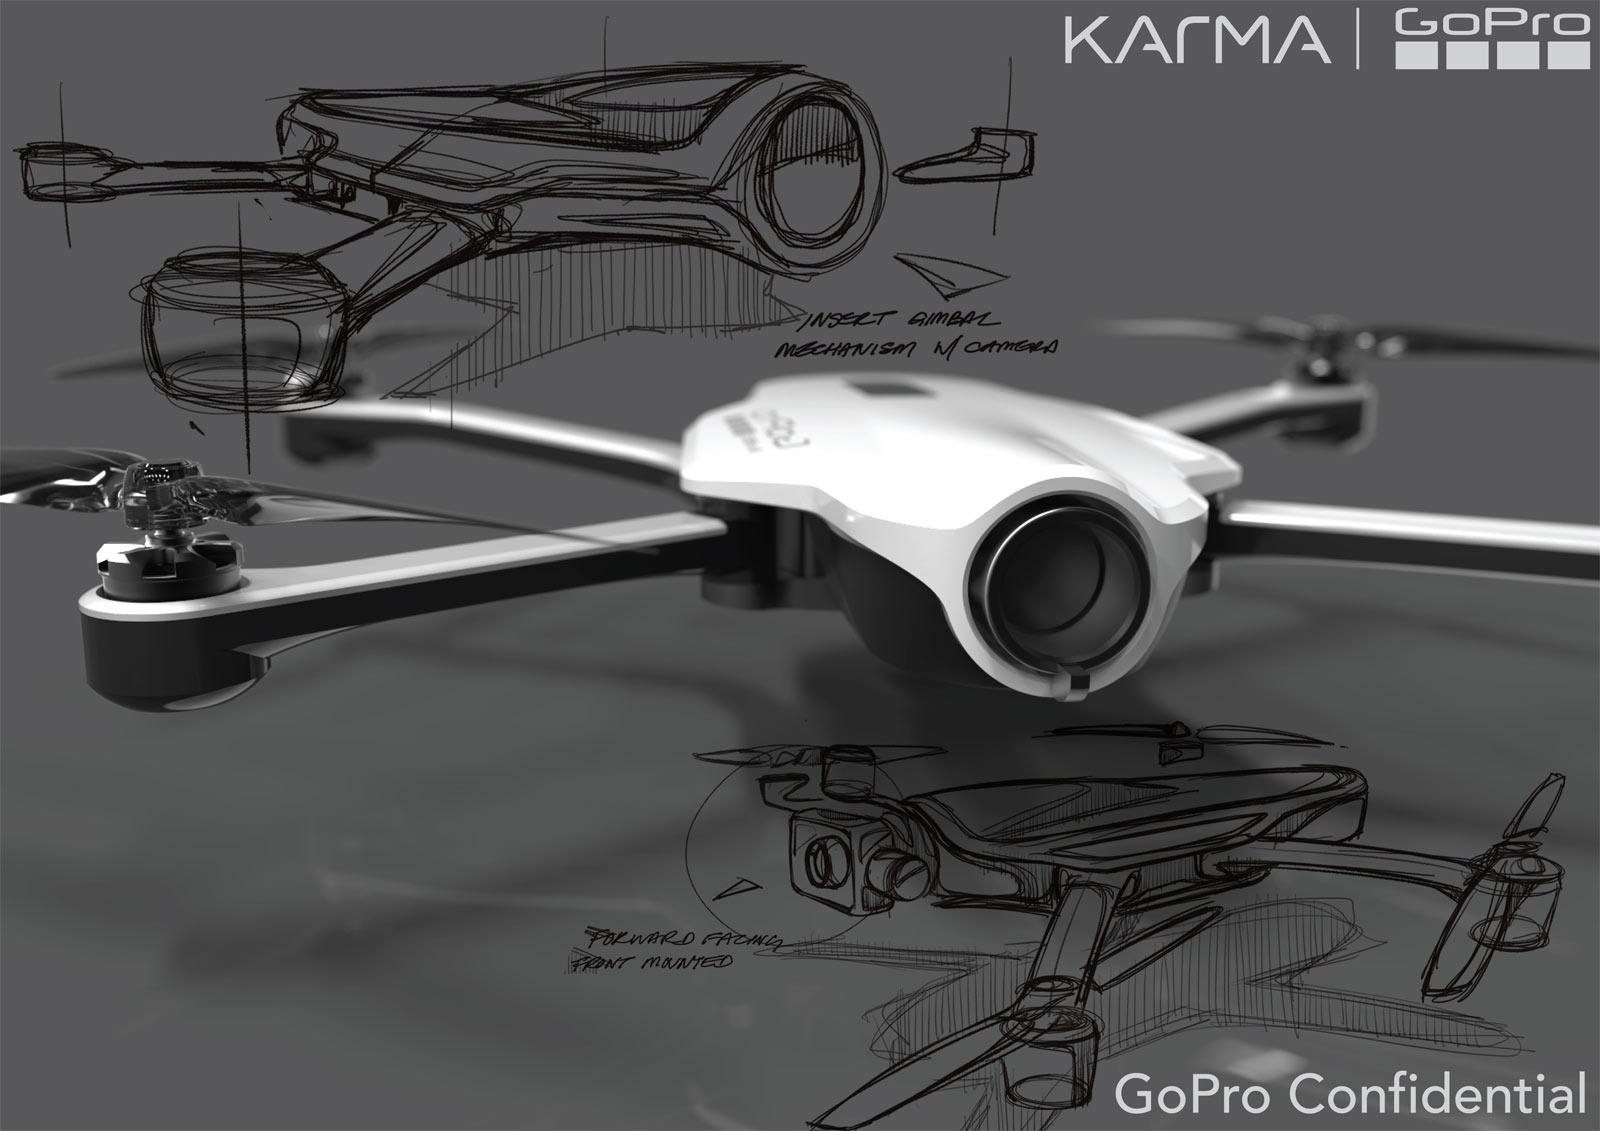 GoPro 的第一款航拍機 Karma 是這樣煉成的